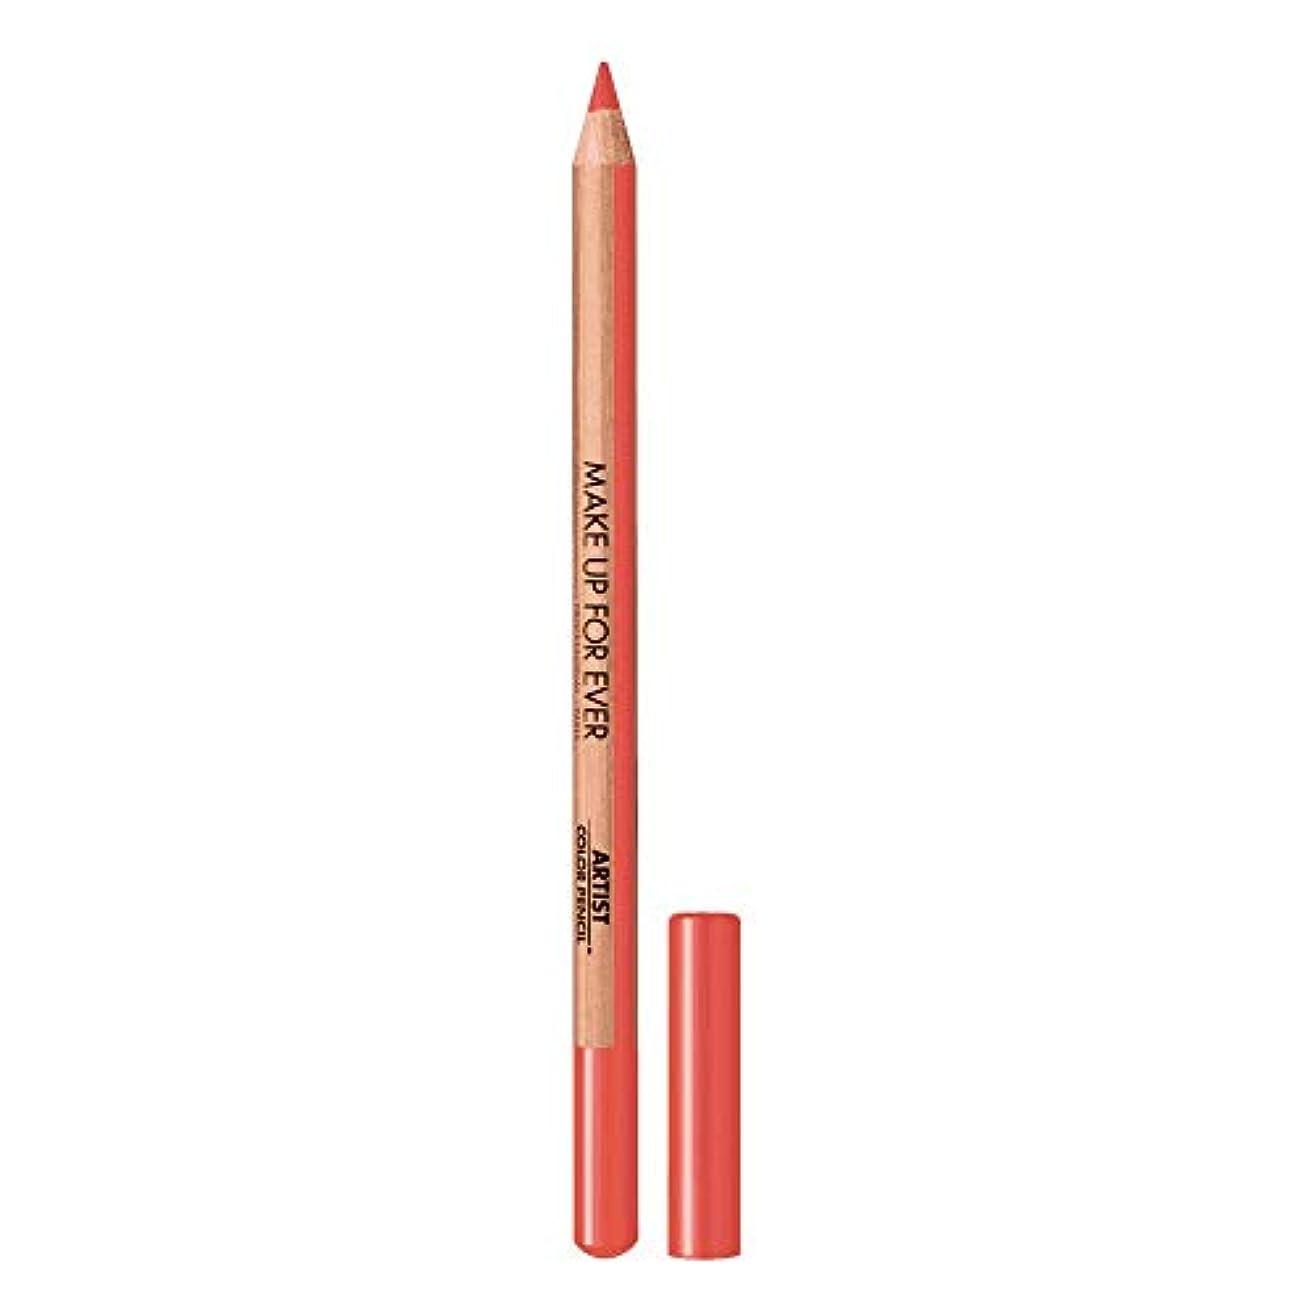 強制魂完了メイクアップフォーエバー Artist Color Pencil - # 700 Wichever Coral 1.41g/0.04oz並行輸入品